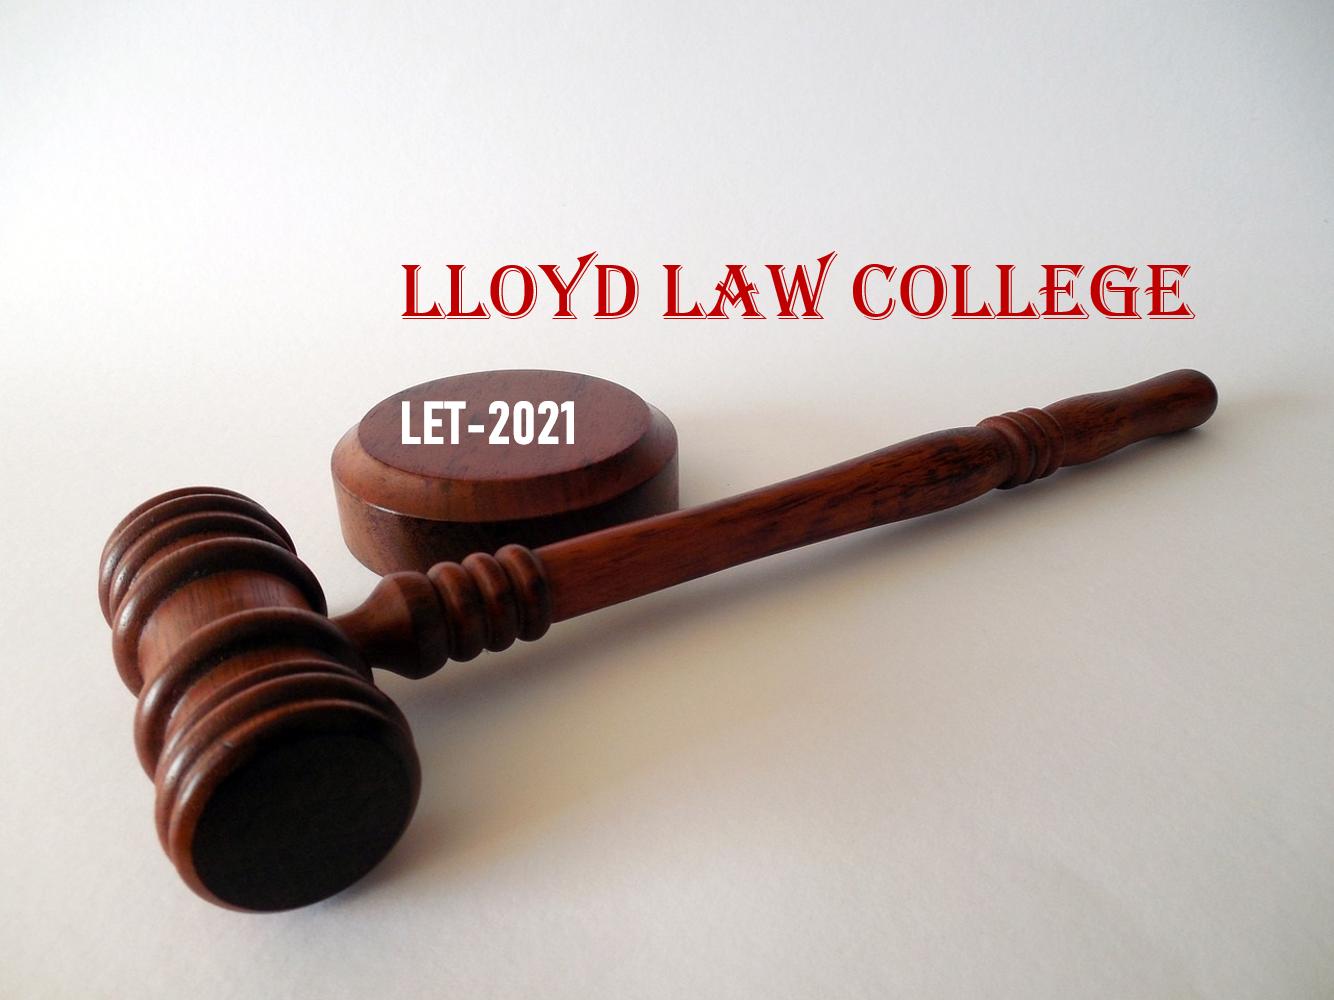 Lloyd Law College Entrance Exam LET-2021